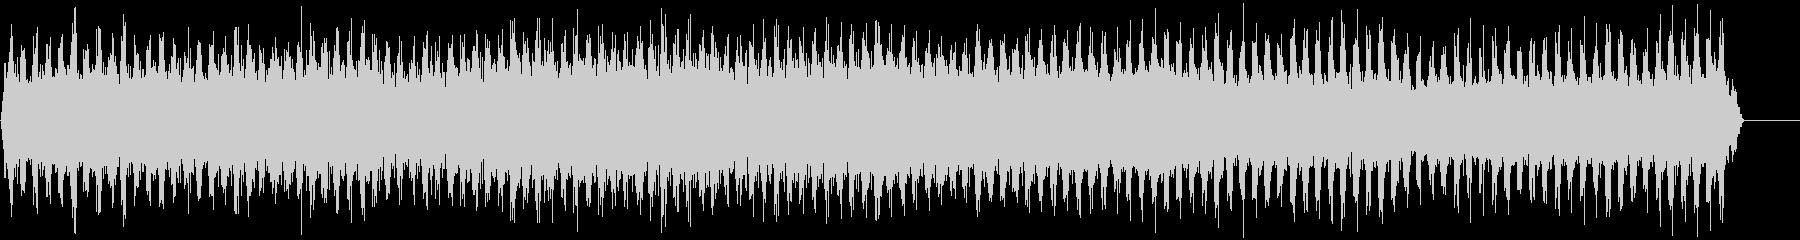 蒸気船-クルーズ-インテリアの未再生の波形